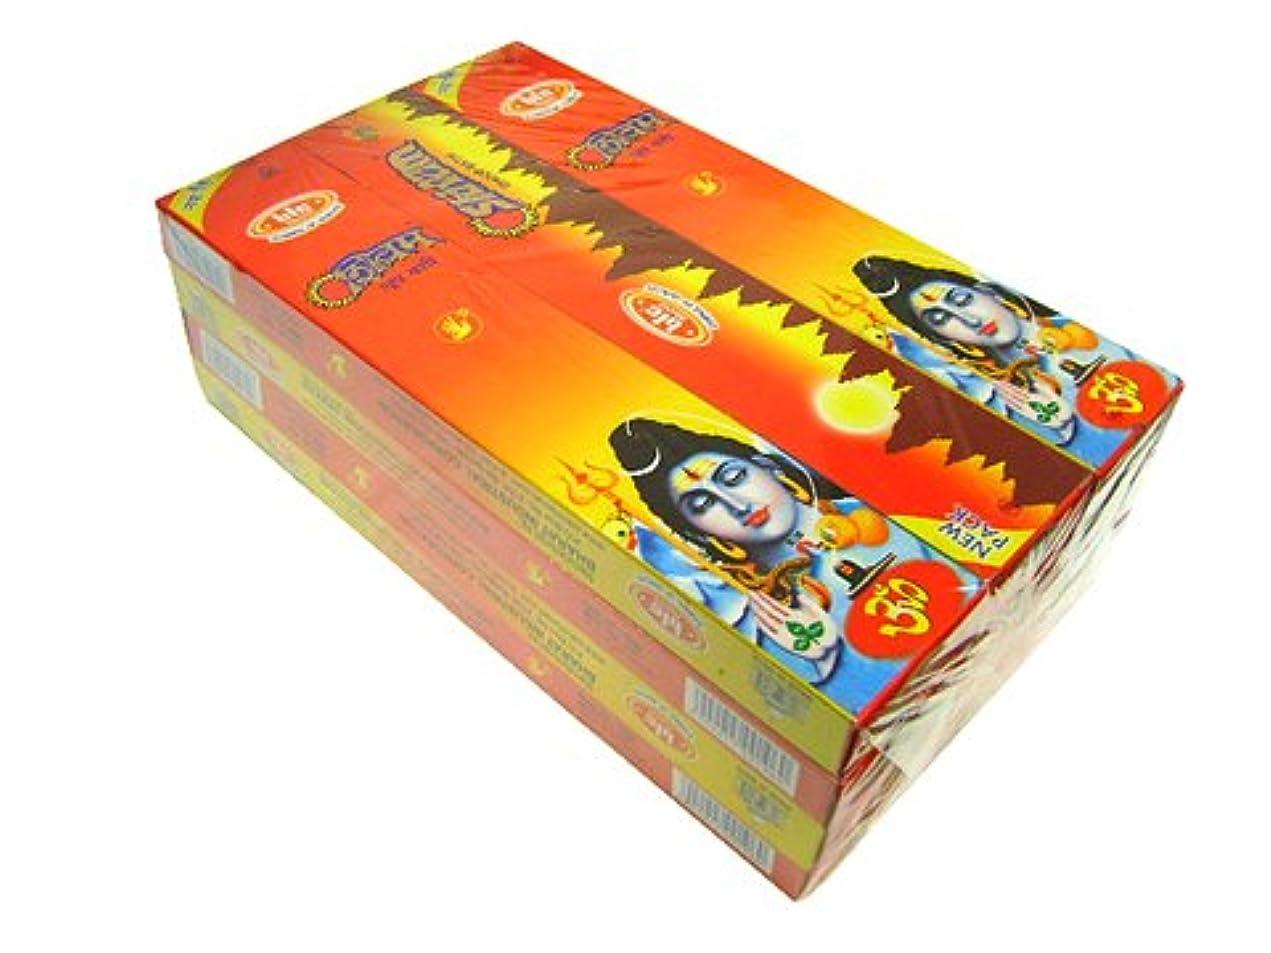 スペクトラム保全うまくやる()BIC(ビック) シヴァム香(レギュラーボックス) スティック SHIVAM REG BOX 12箱セット